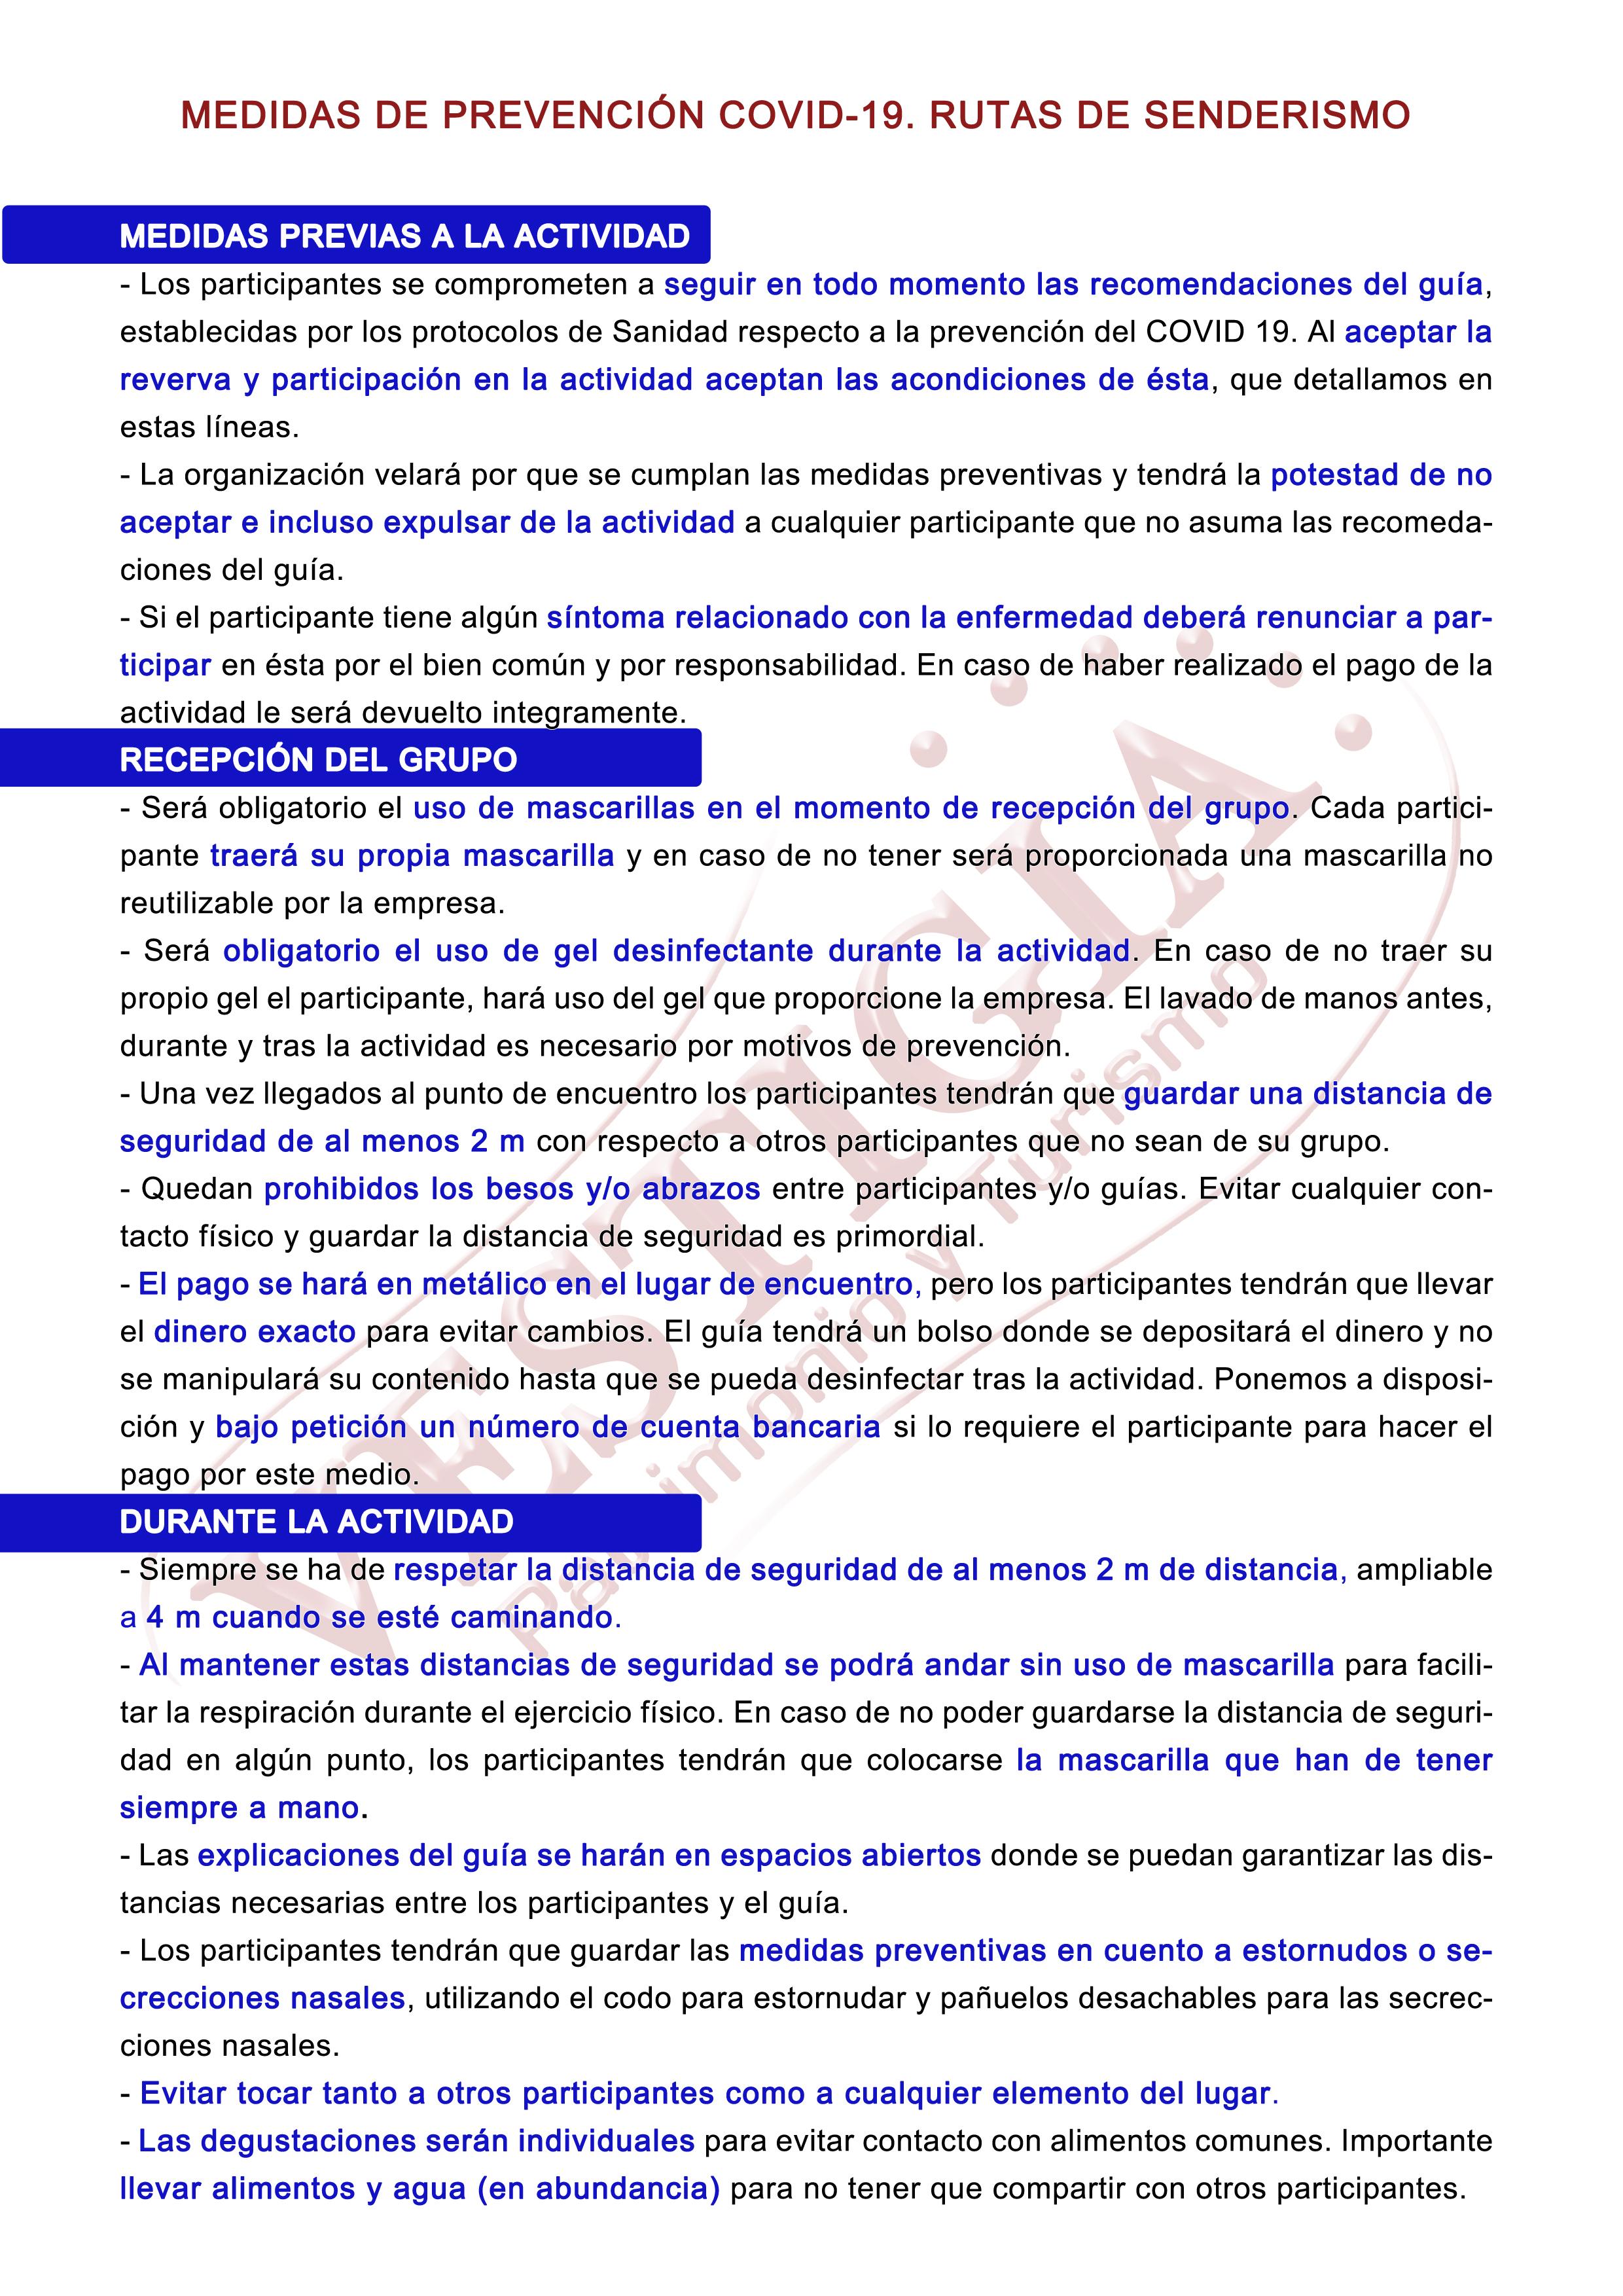 MEDIDAS PREVENTIVAS COVID 19 RUTAS SENDERISMO VESTIGIA